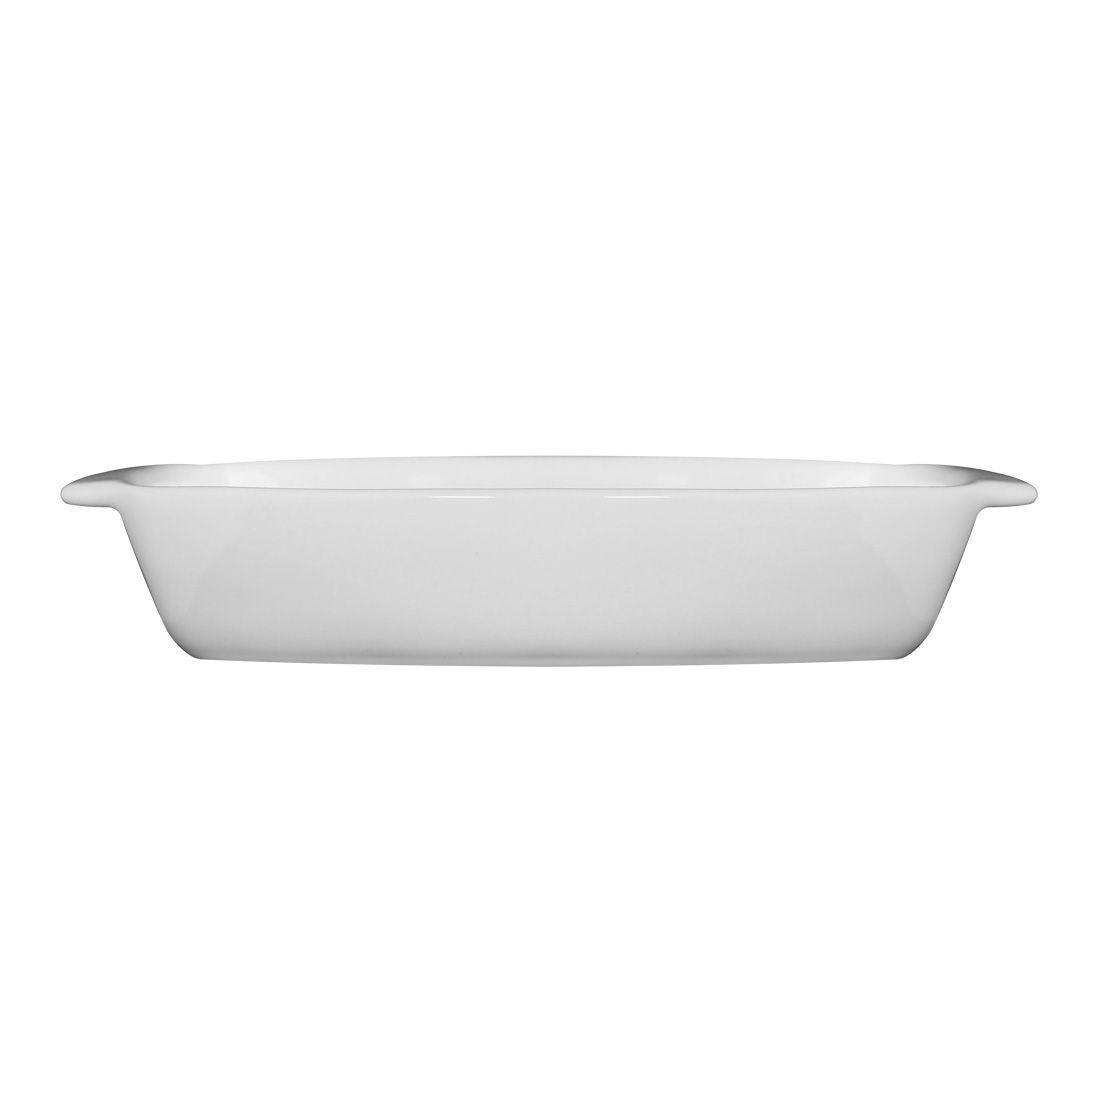 Assadeira La Faenza 31cm para Micro-Ondas, Forno Convencional e Elétrico de Cerâmica Retangular com Alça Branco